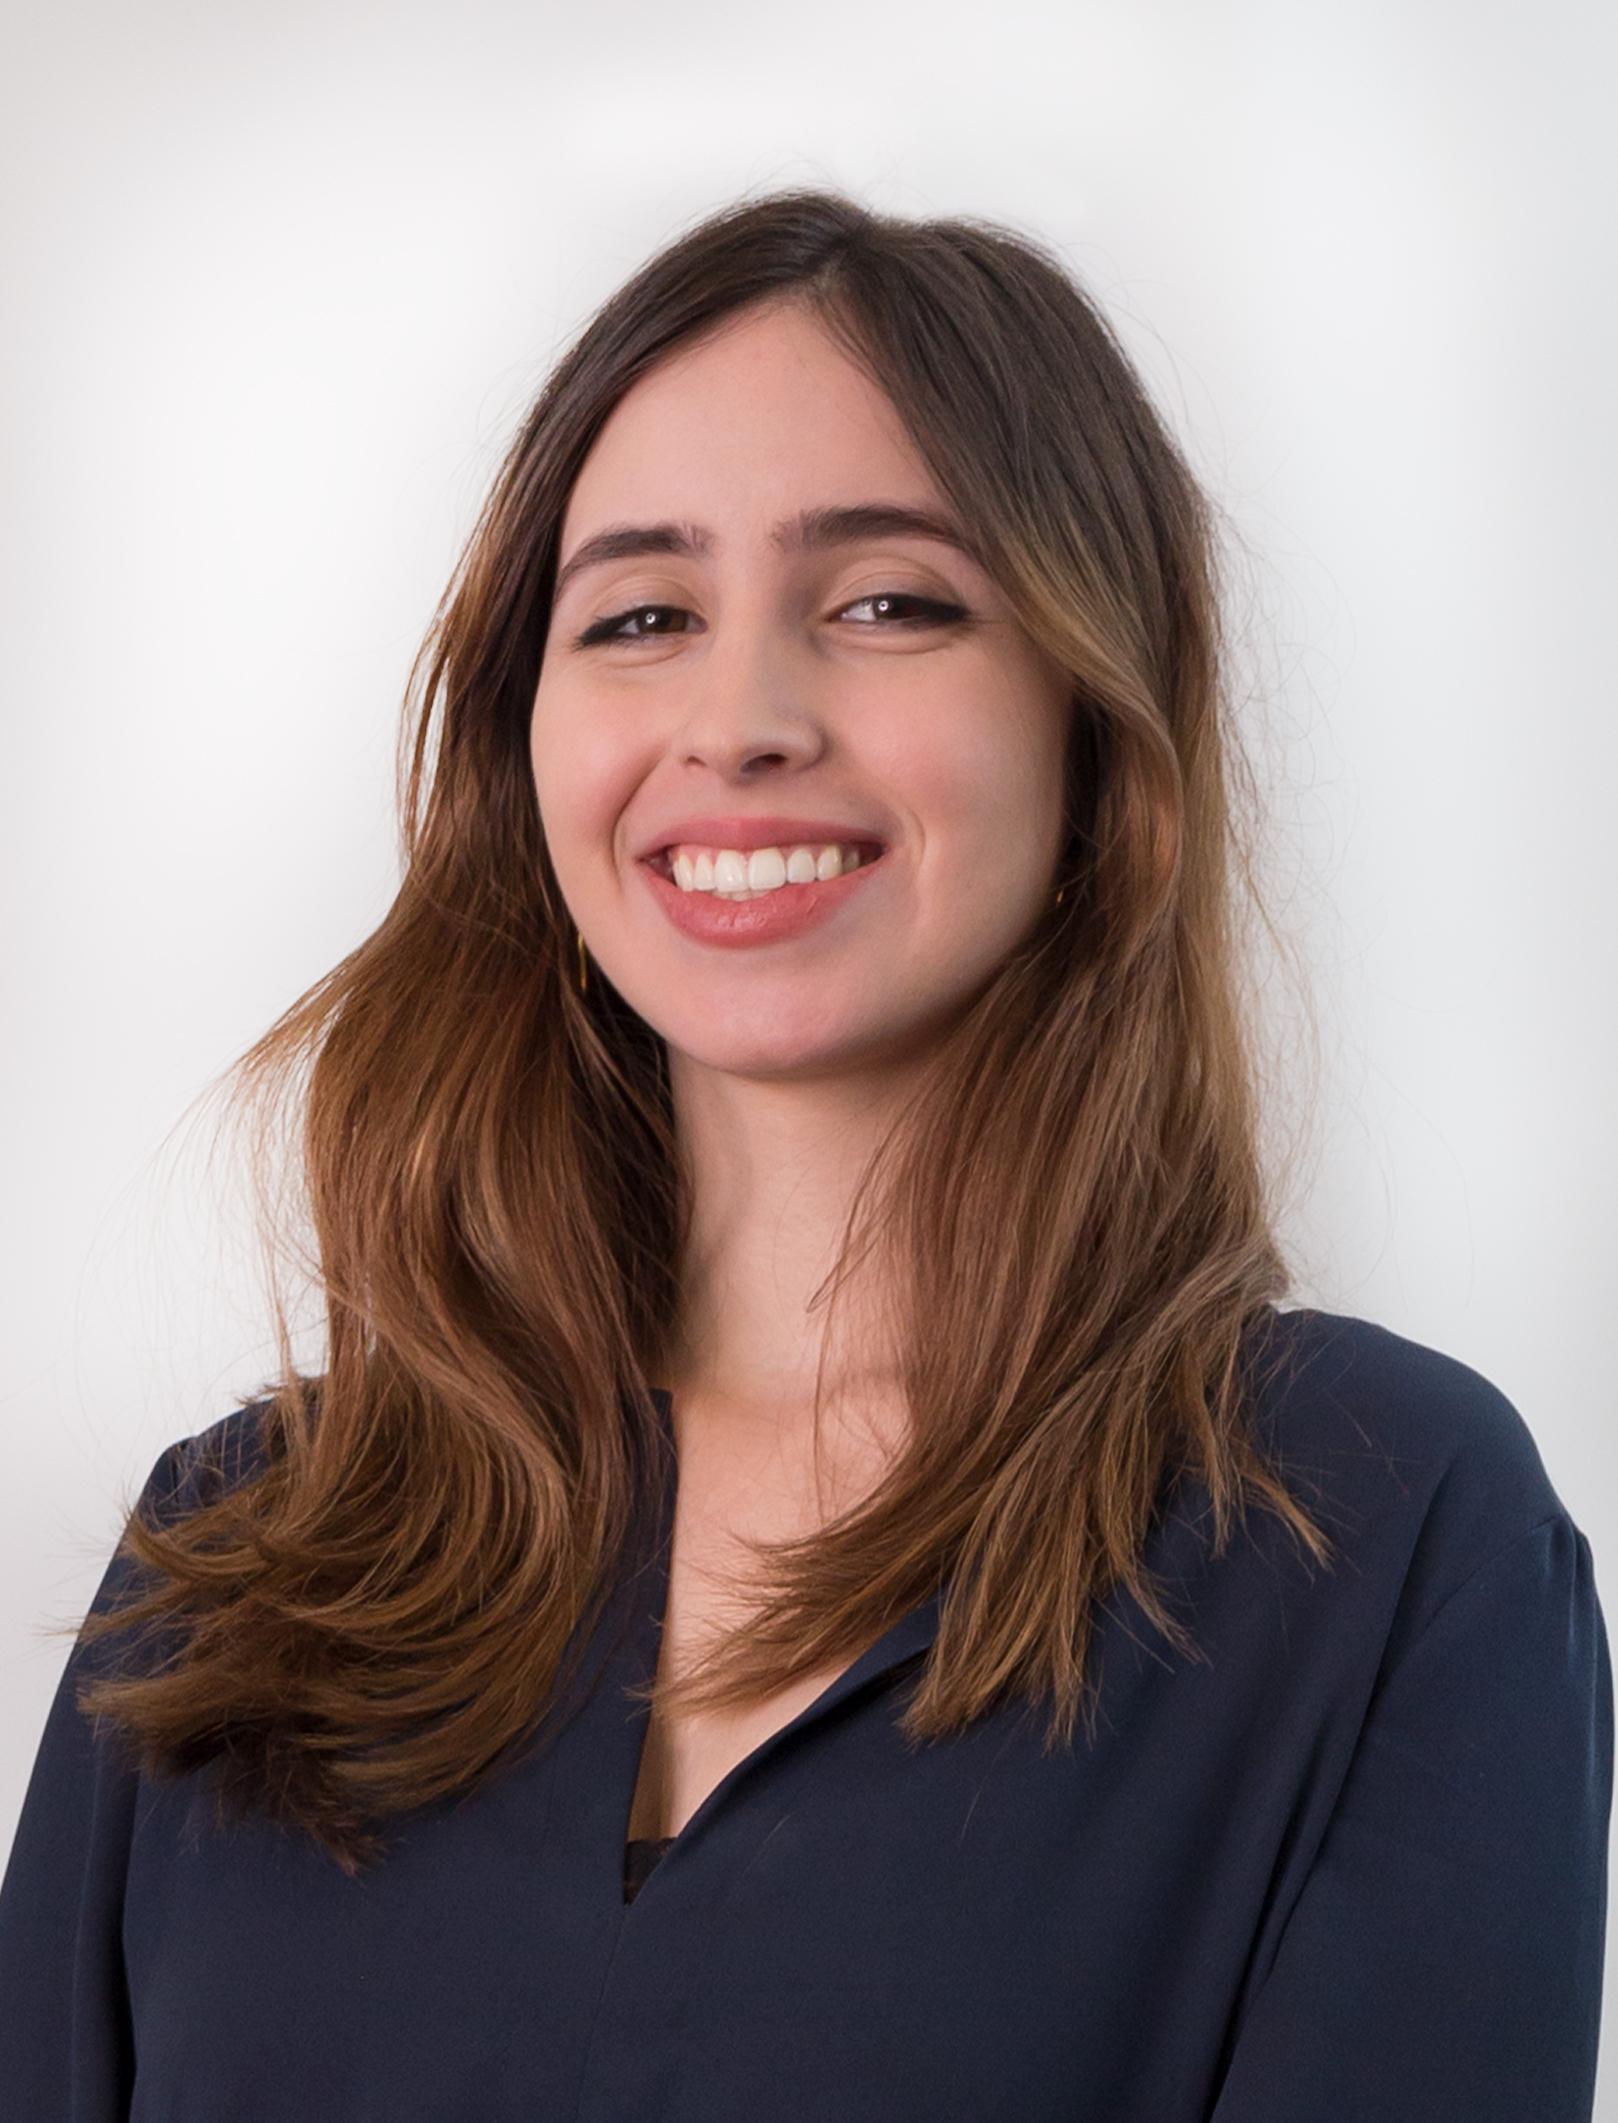 Alice de Paula Prado